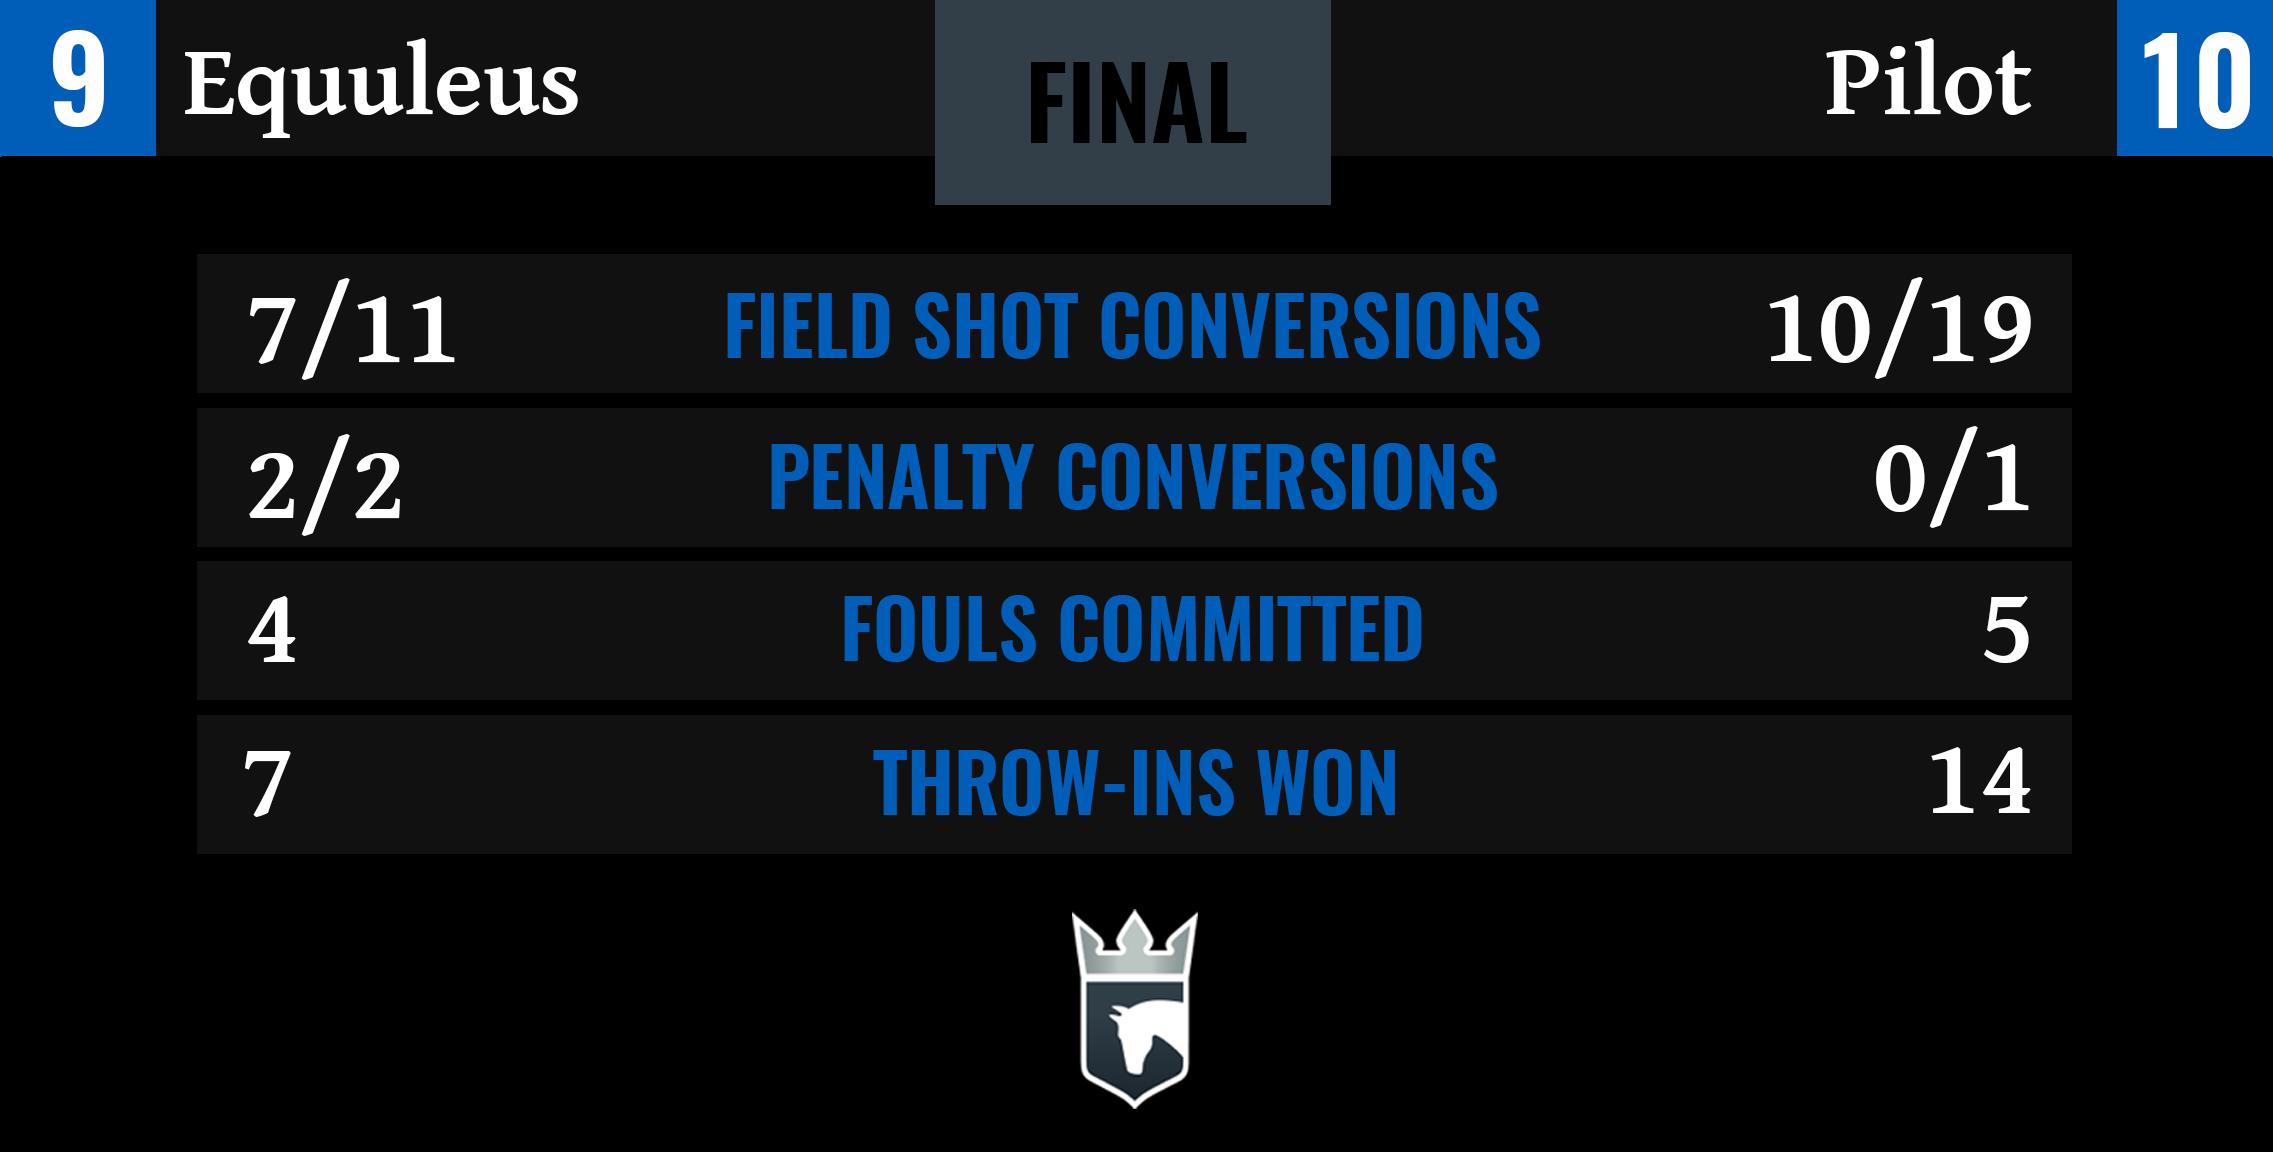 Equuleus vs Pilot Final Stats